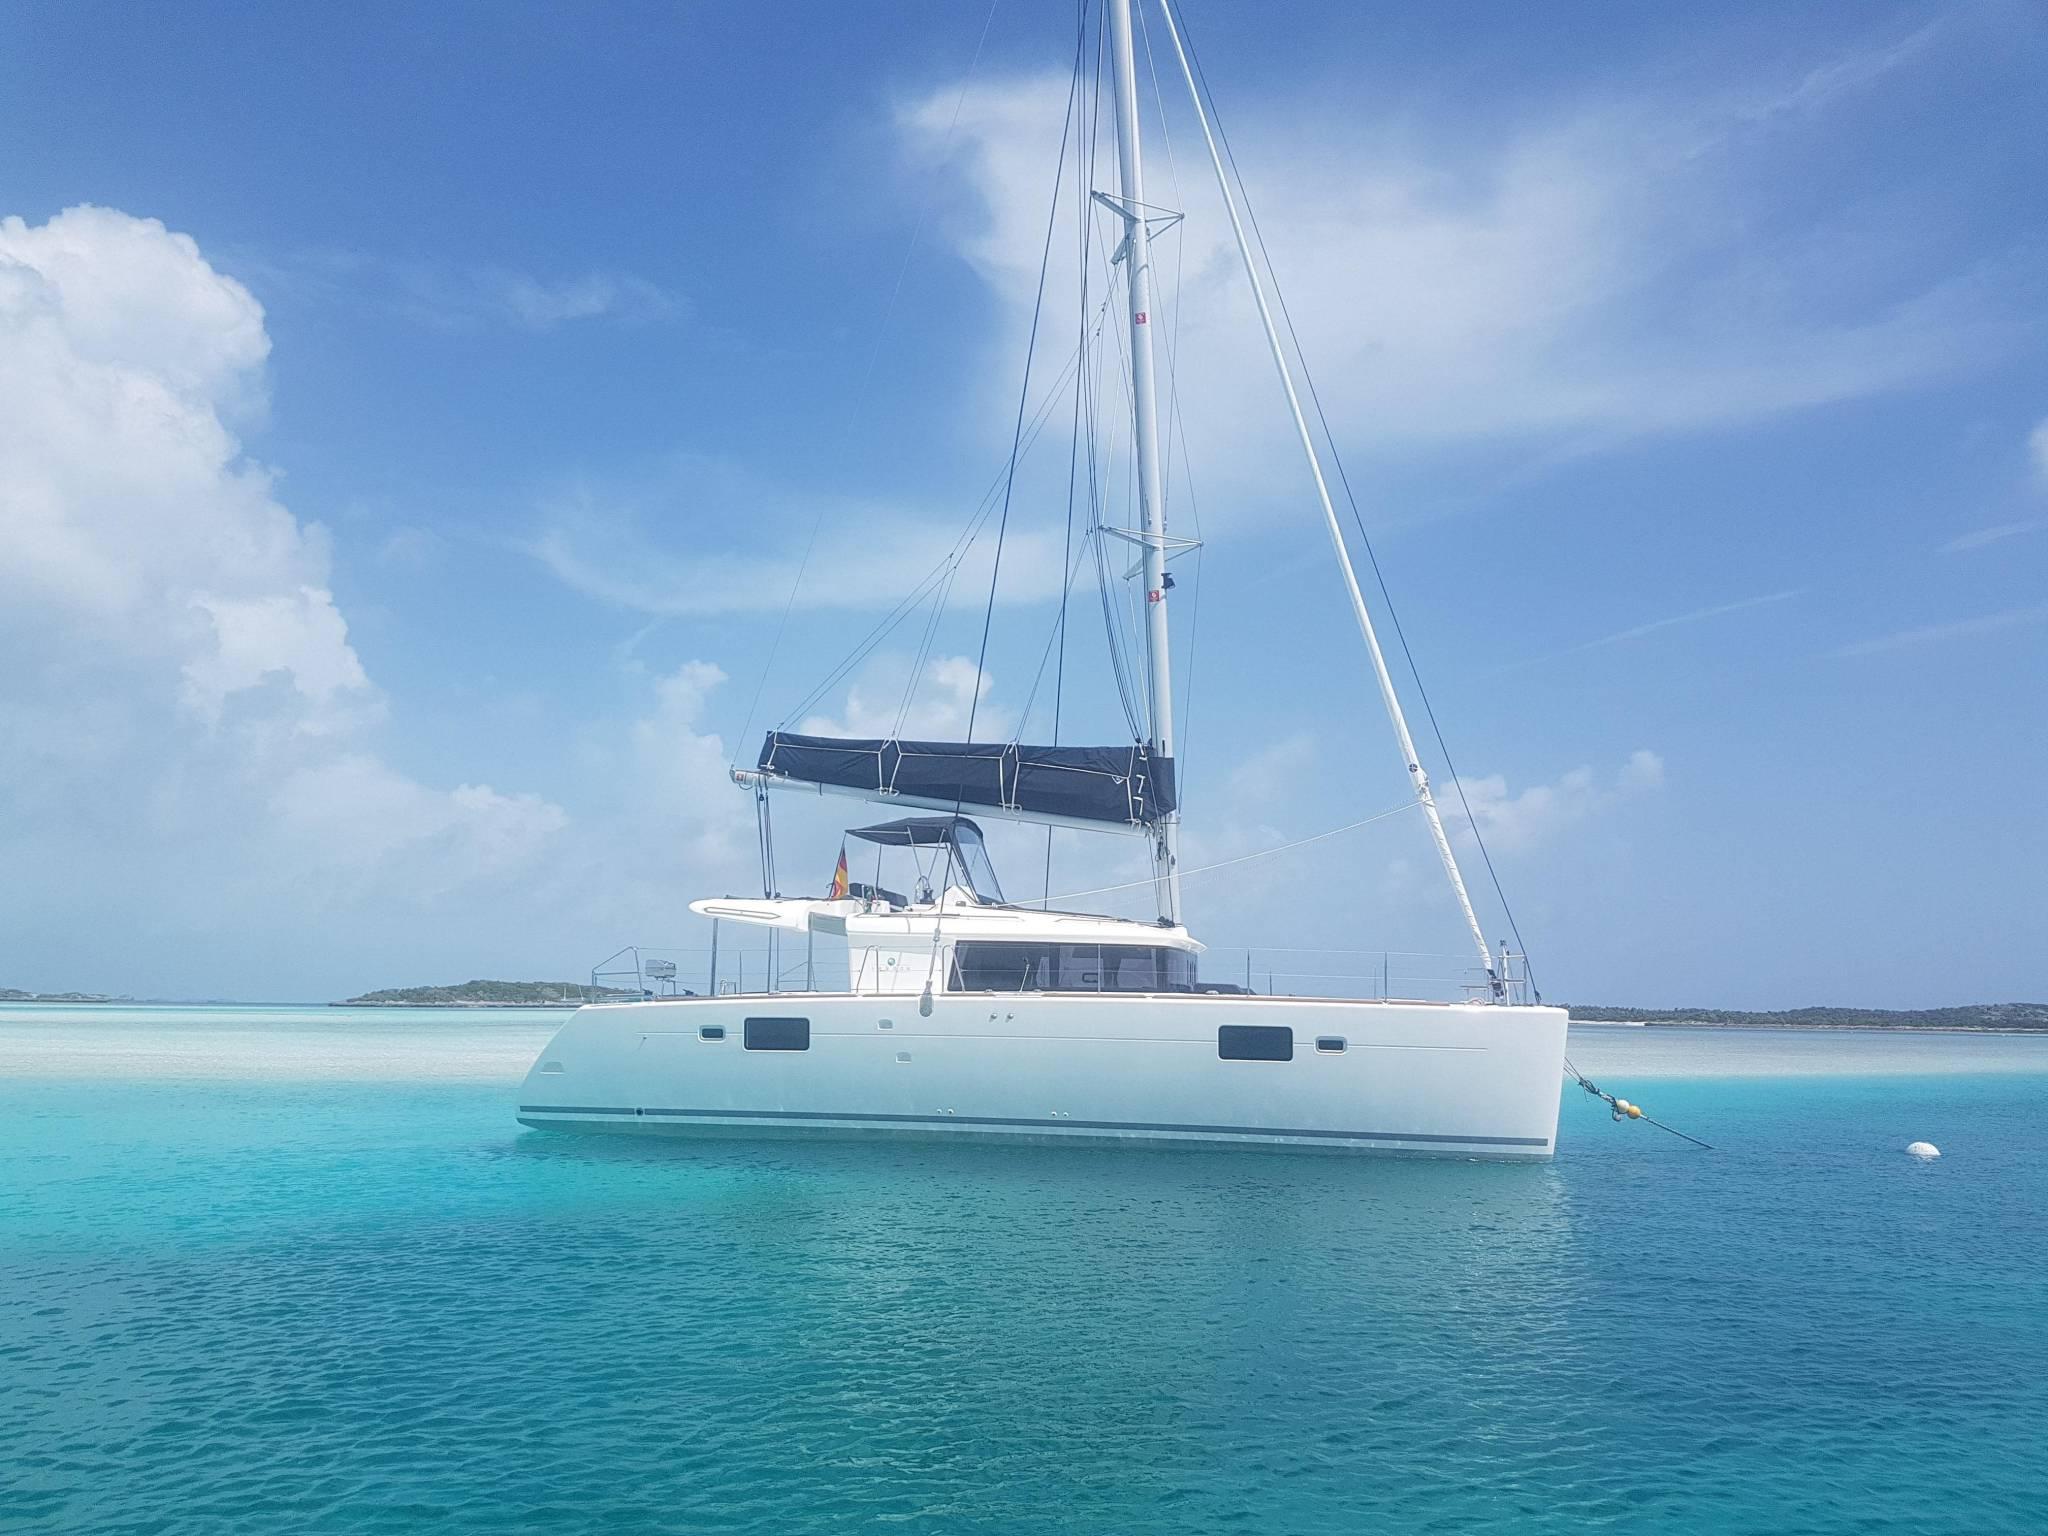 Lagoon 450 cruise